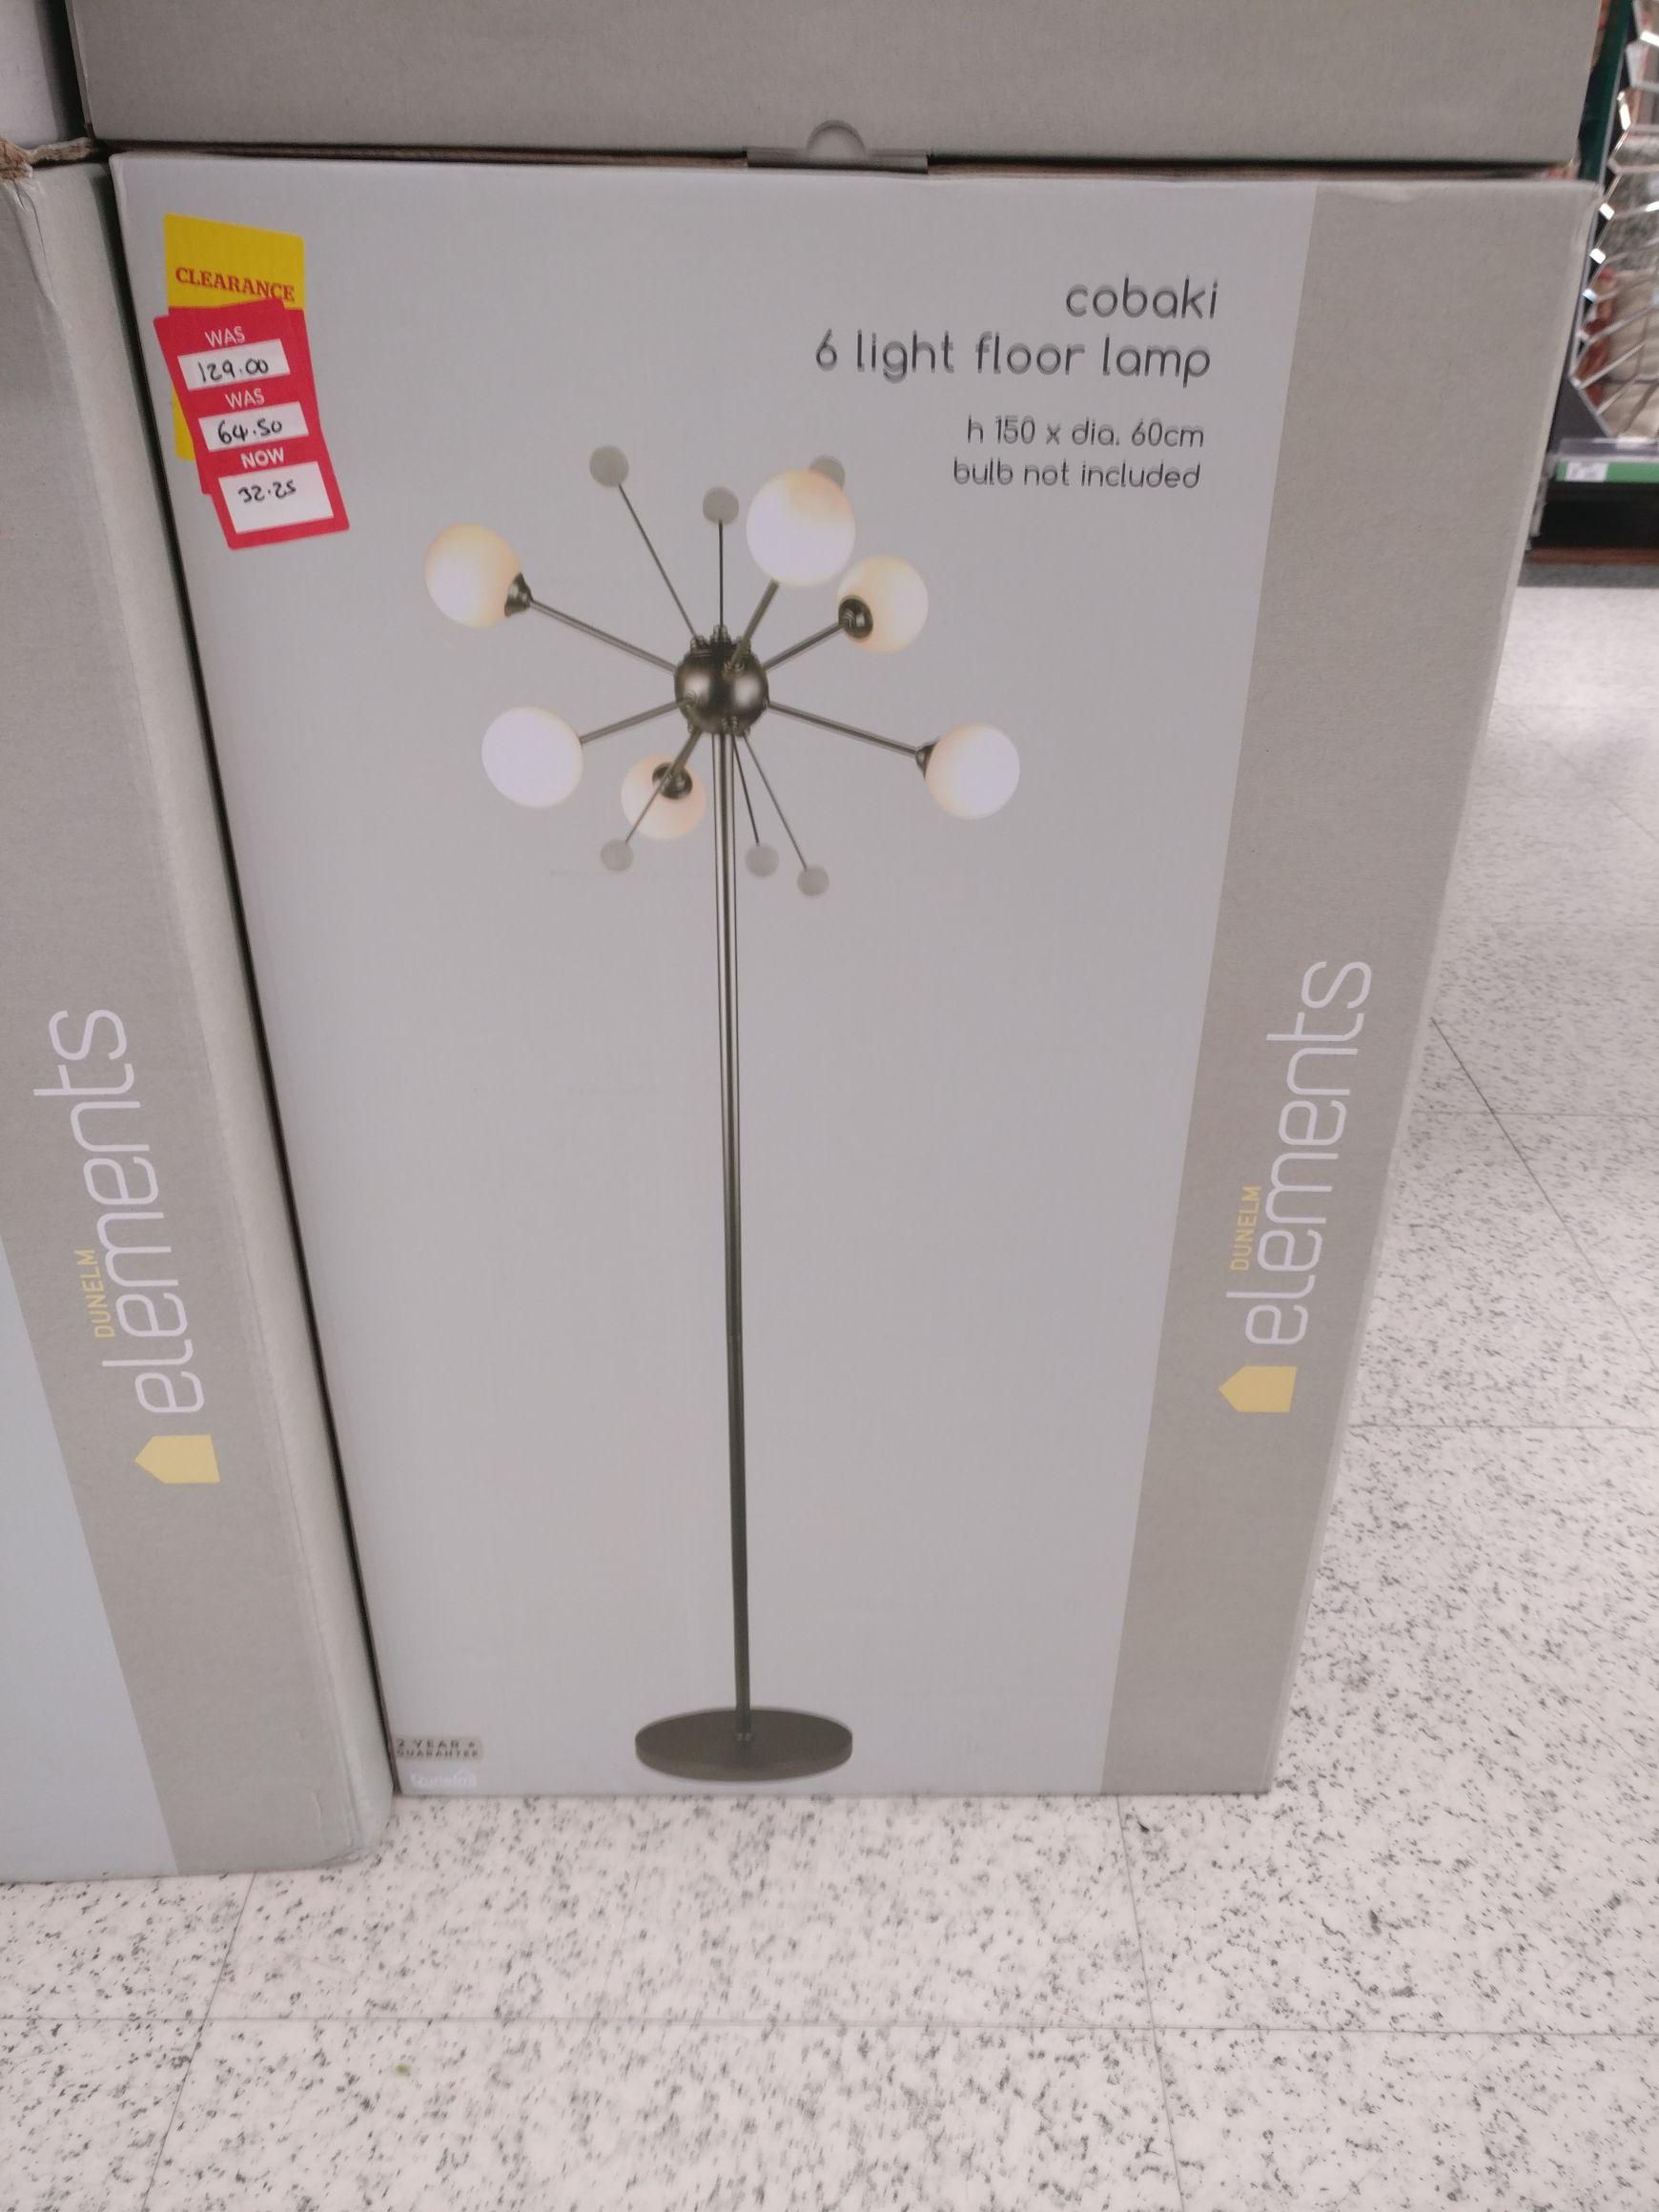 Tall lamp Dunelm multi globe design £32.25 instore - Ashton